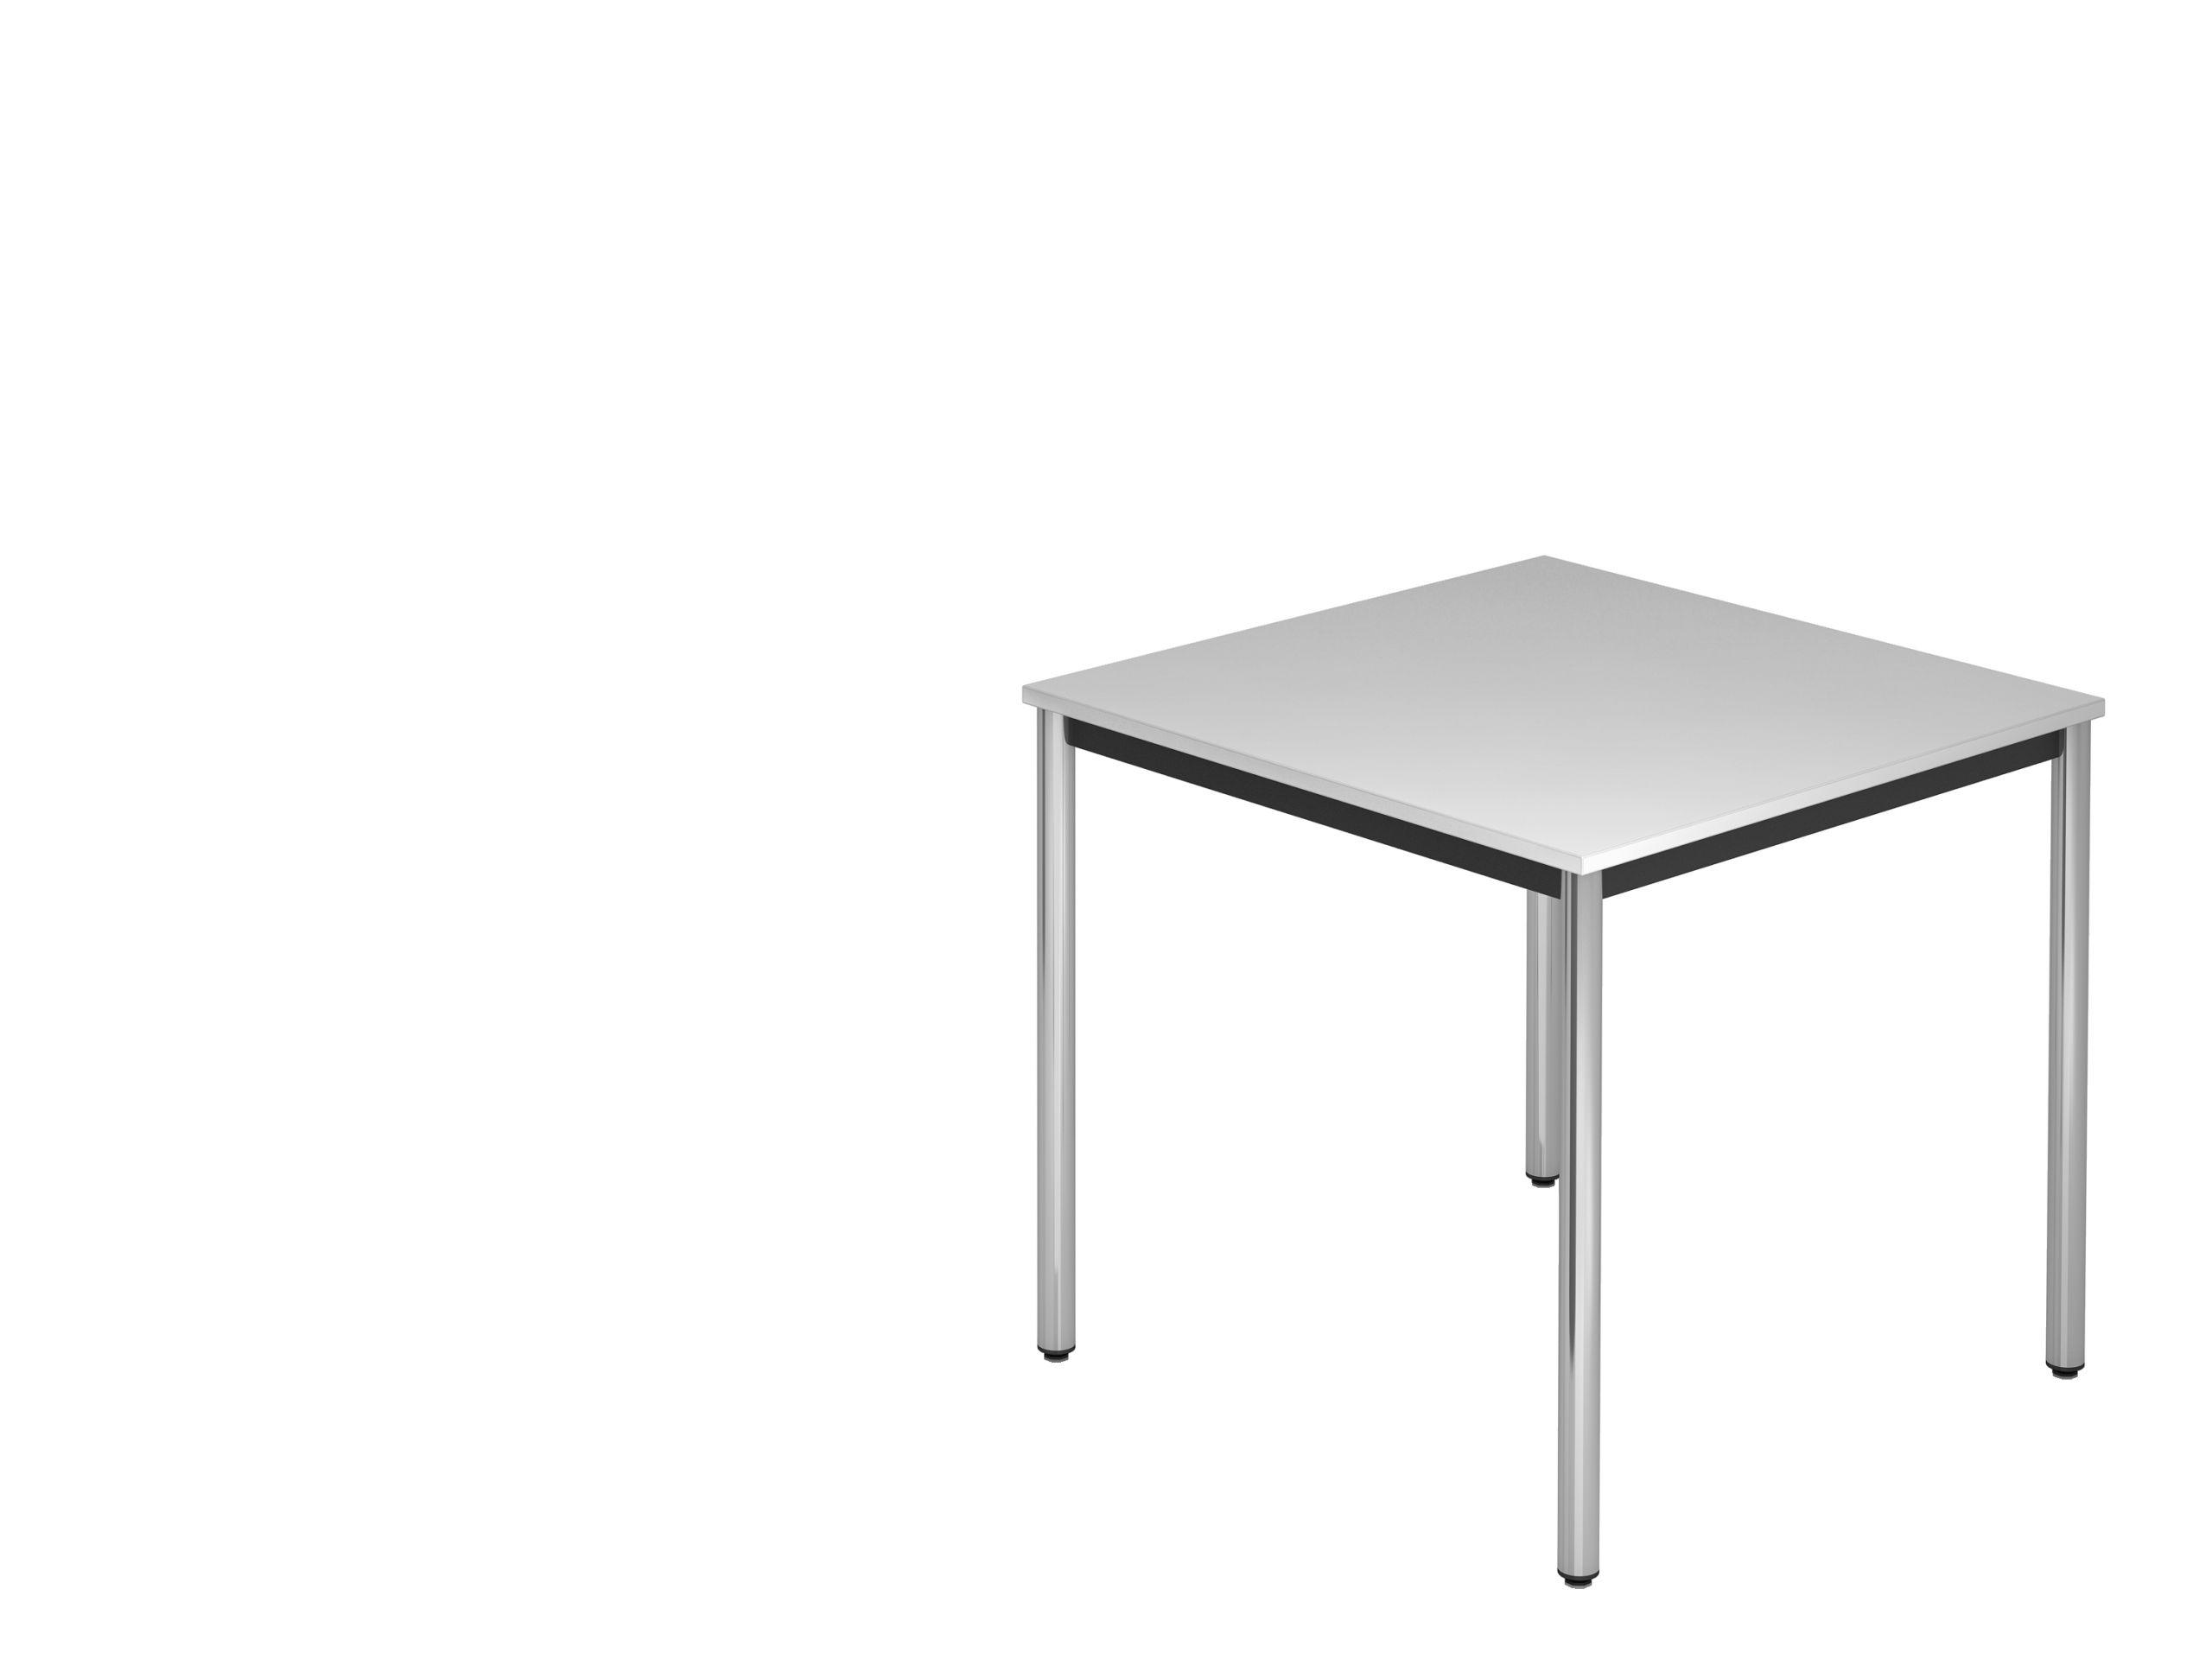 Tisch 80 X 80 Lichtgrau Beistelltisch 80 X 80 X 72 Cm Dekor & Gestell In Weiteren Ausfuehrungen